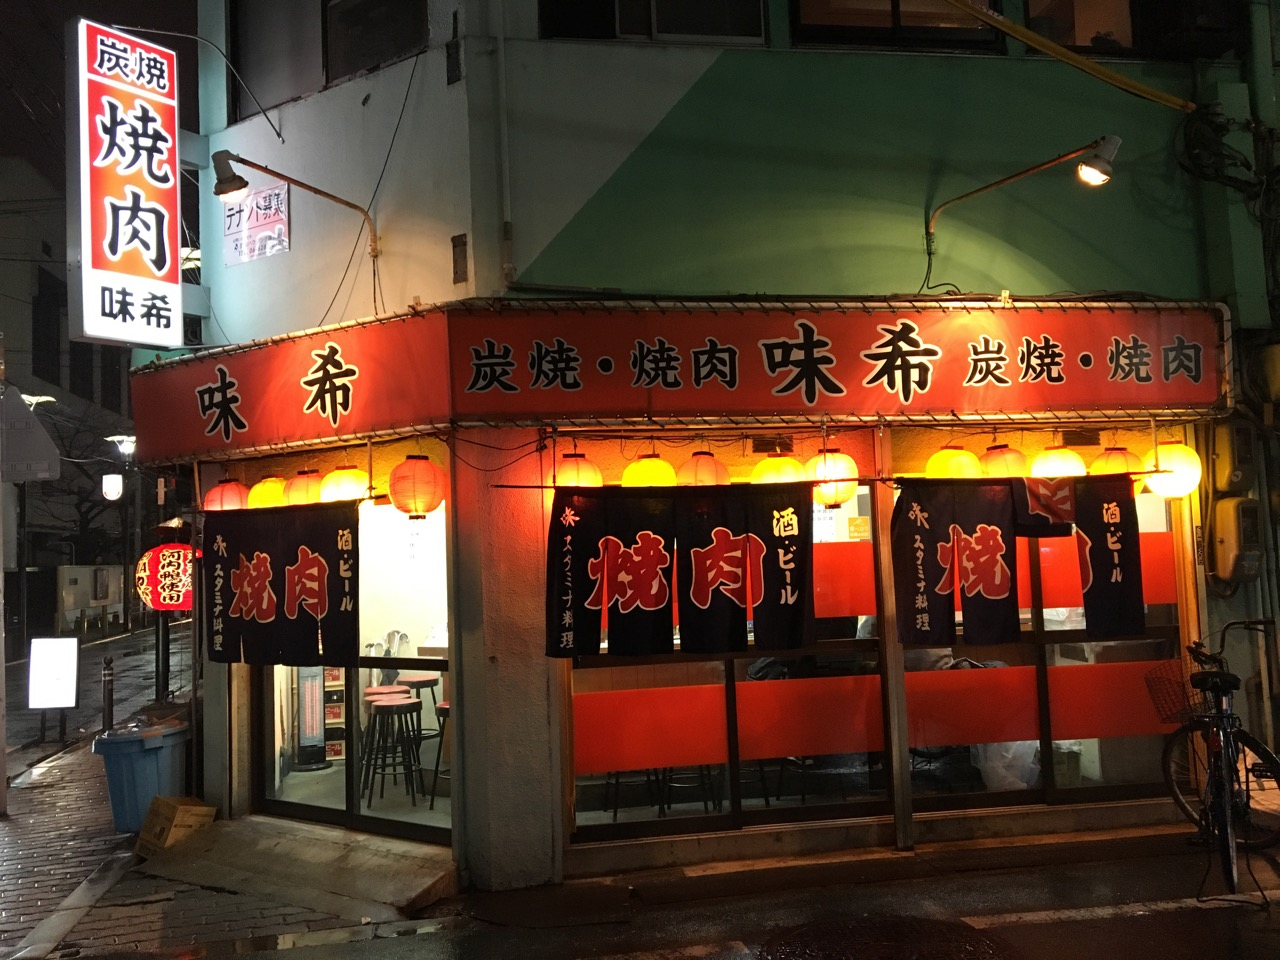 大阪的烧肉小店